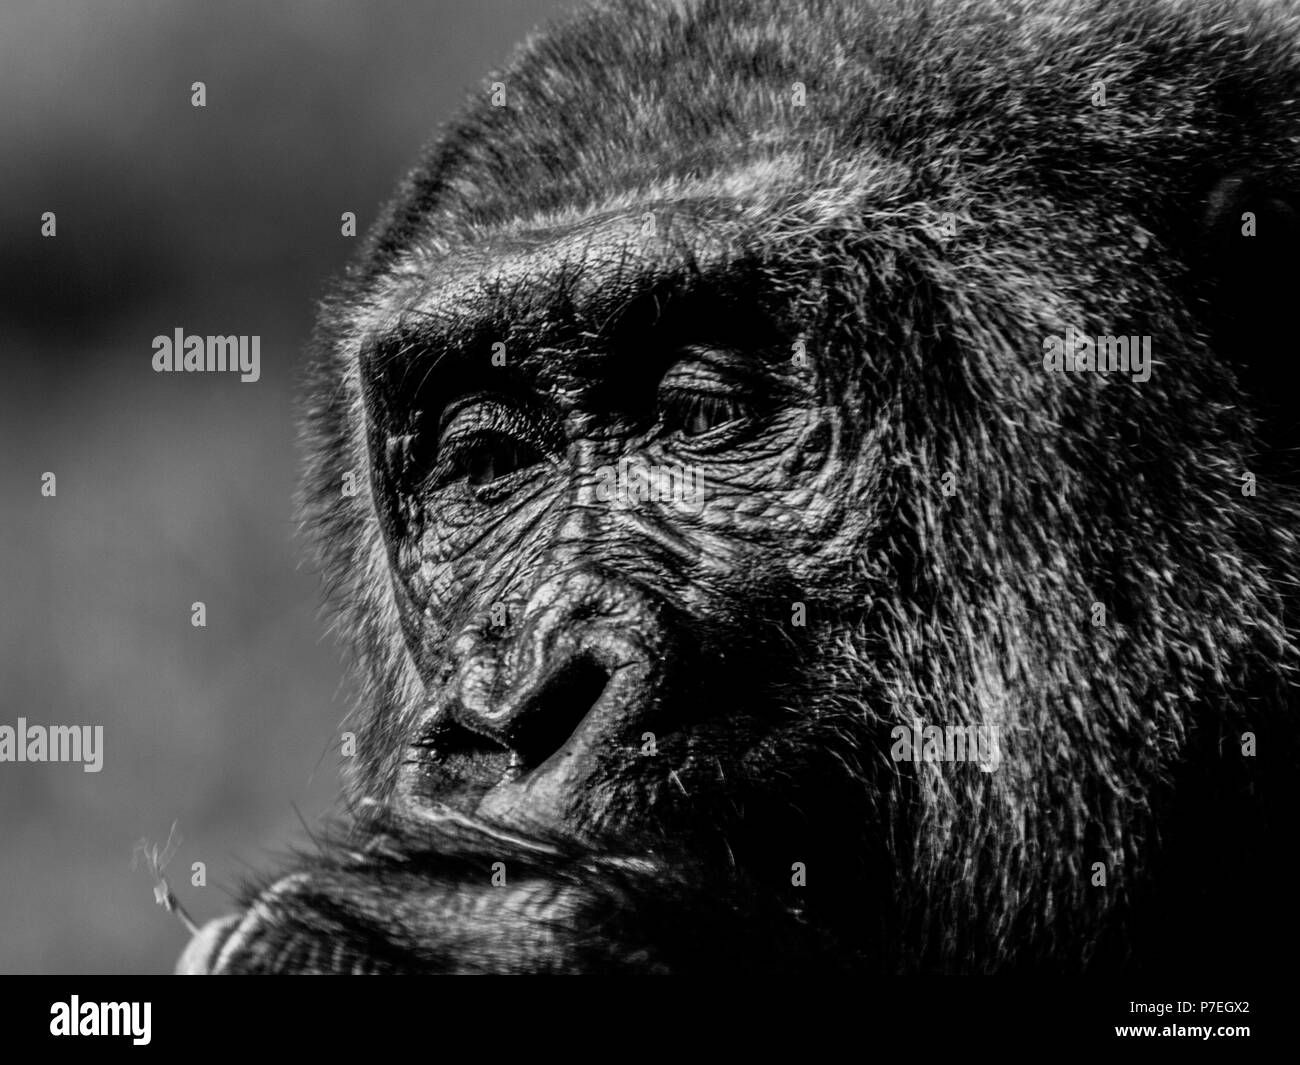 Approfondimento degli animali vicino facciale parziale Immagini Stock